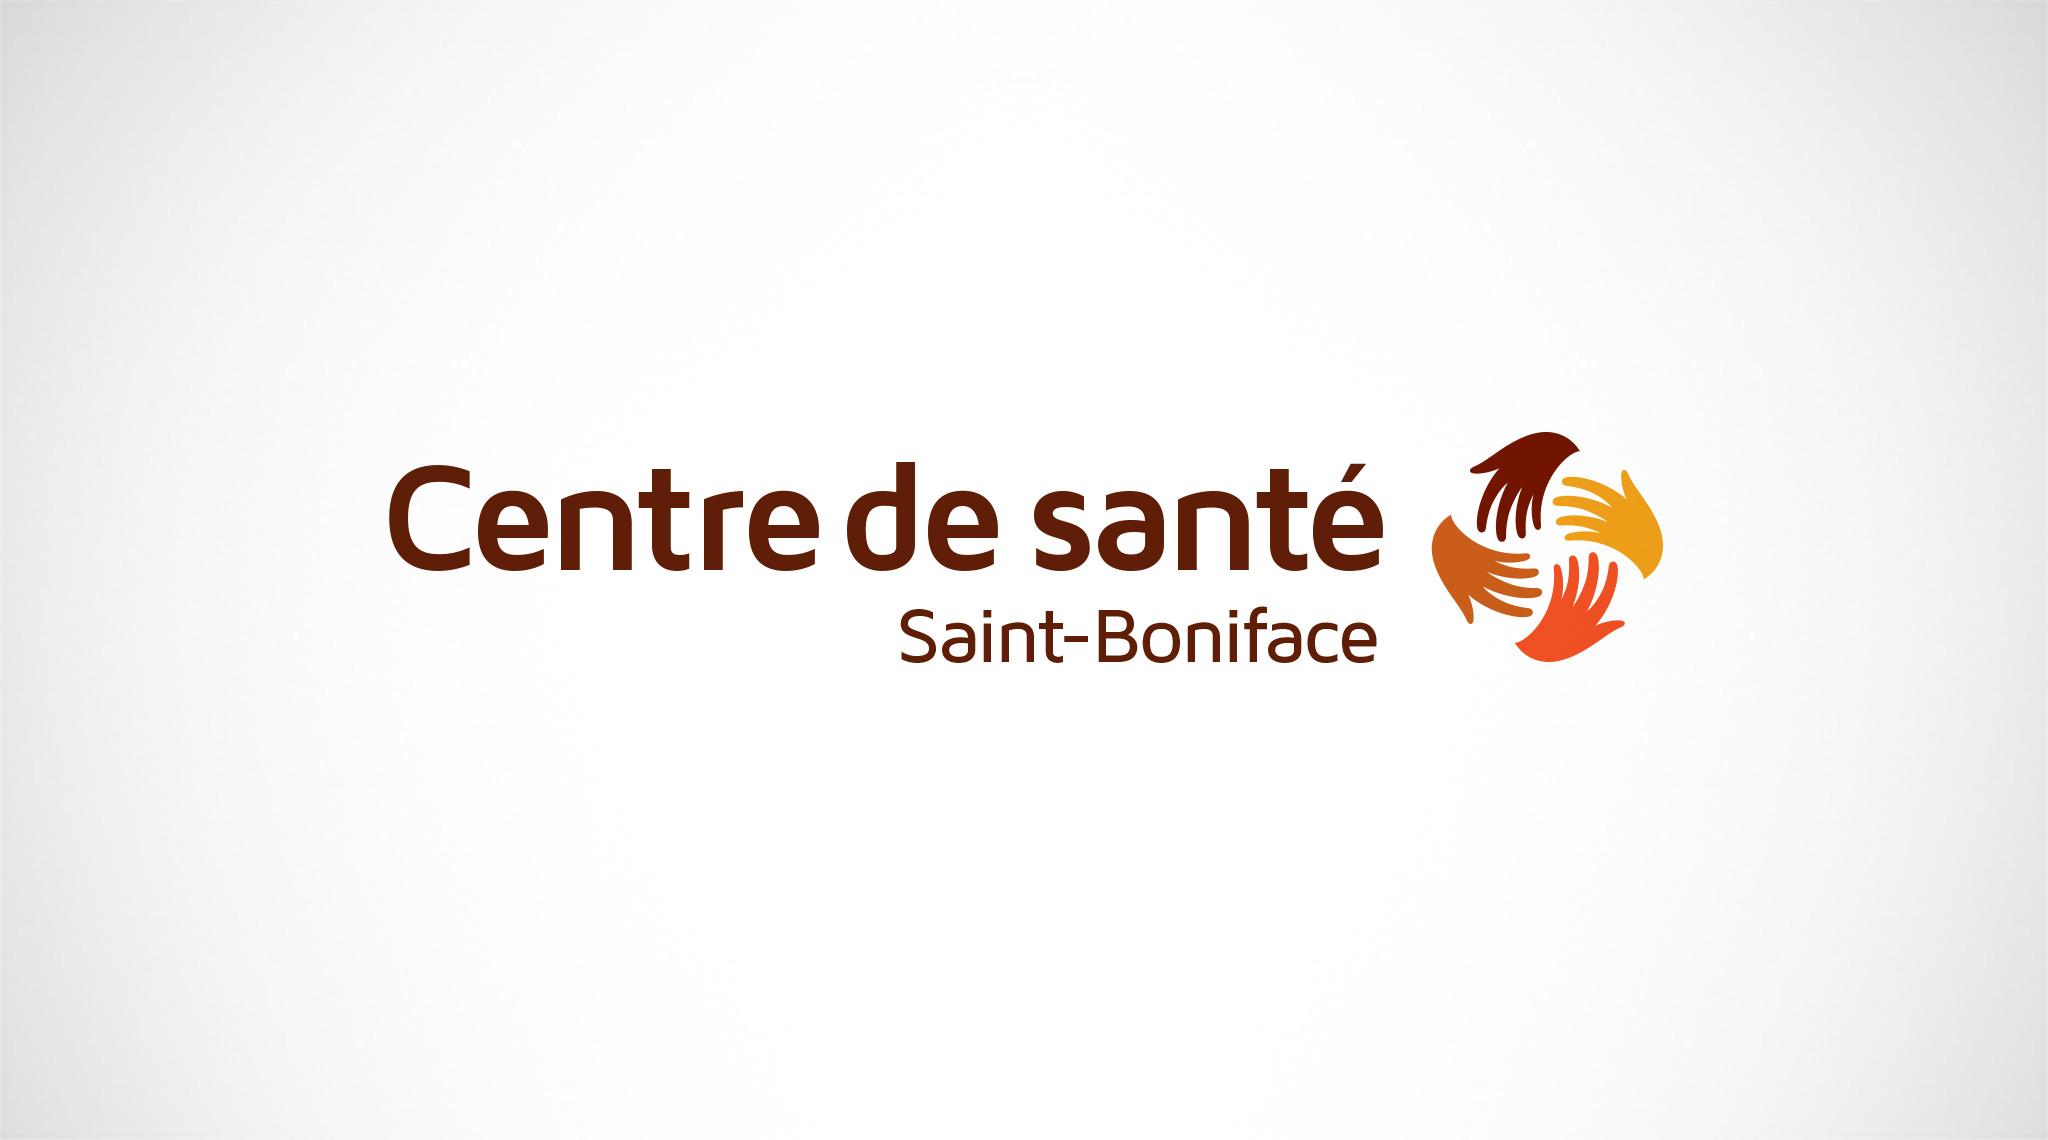 Centre de santé logo